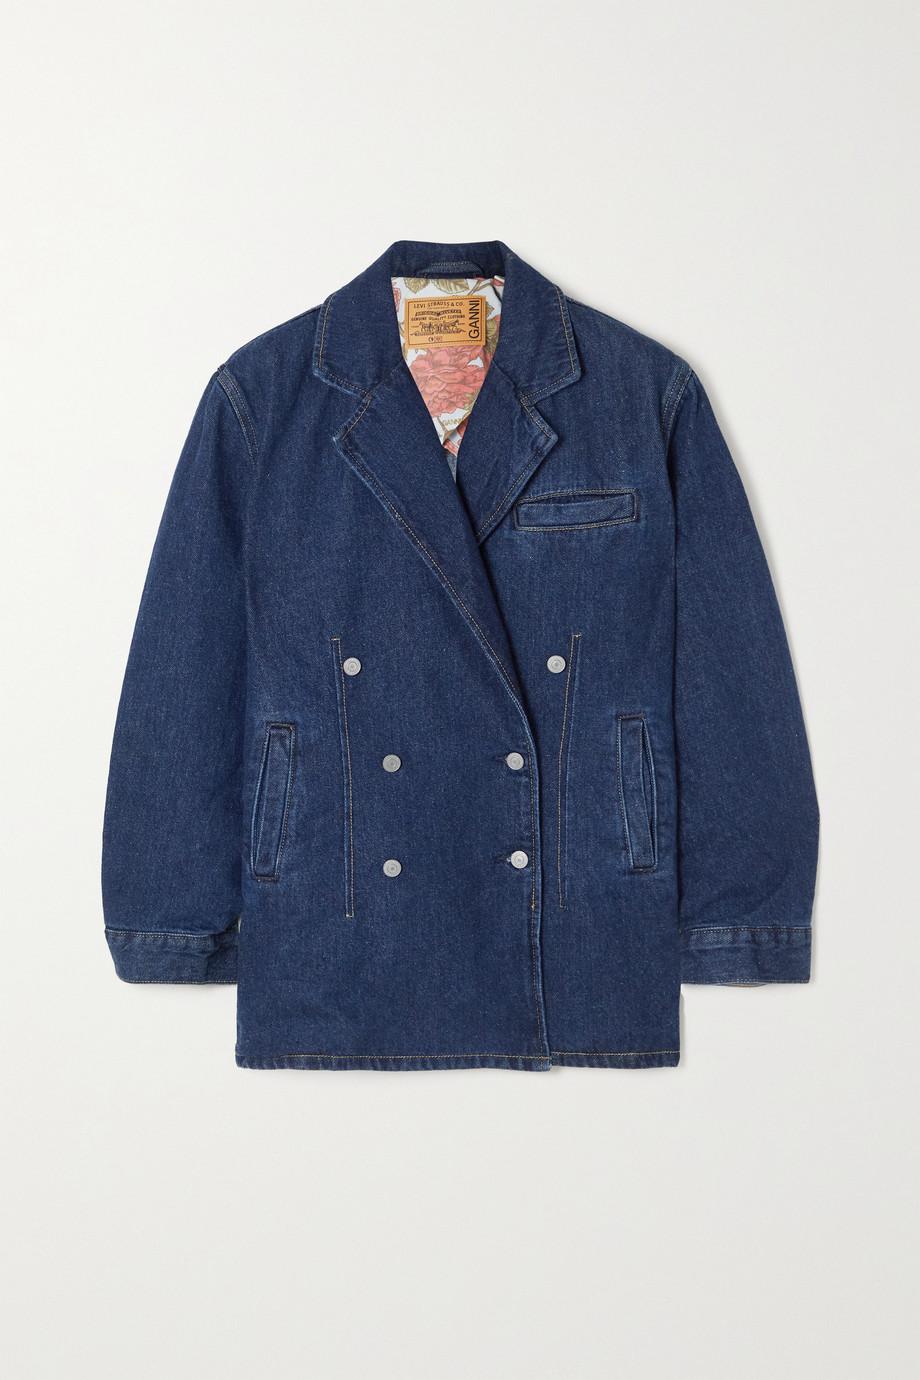 GANNI + Levi's double-breasted denim jacket